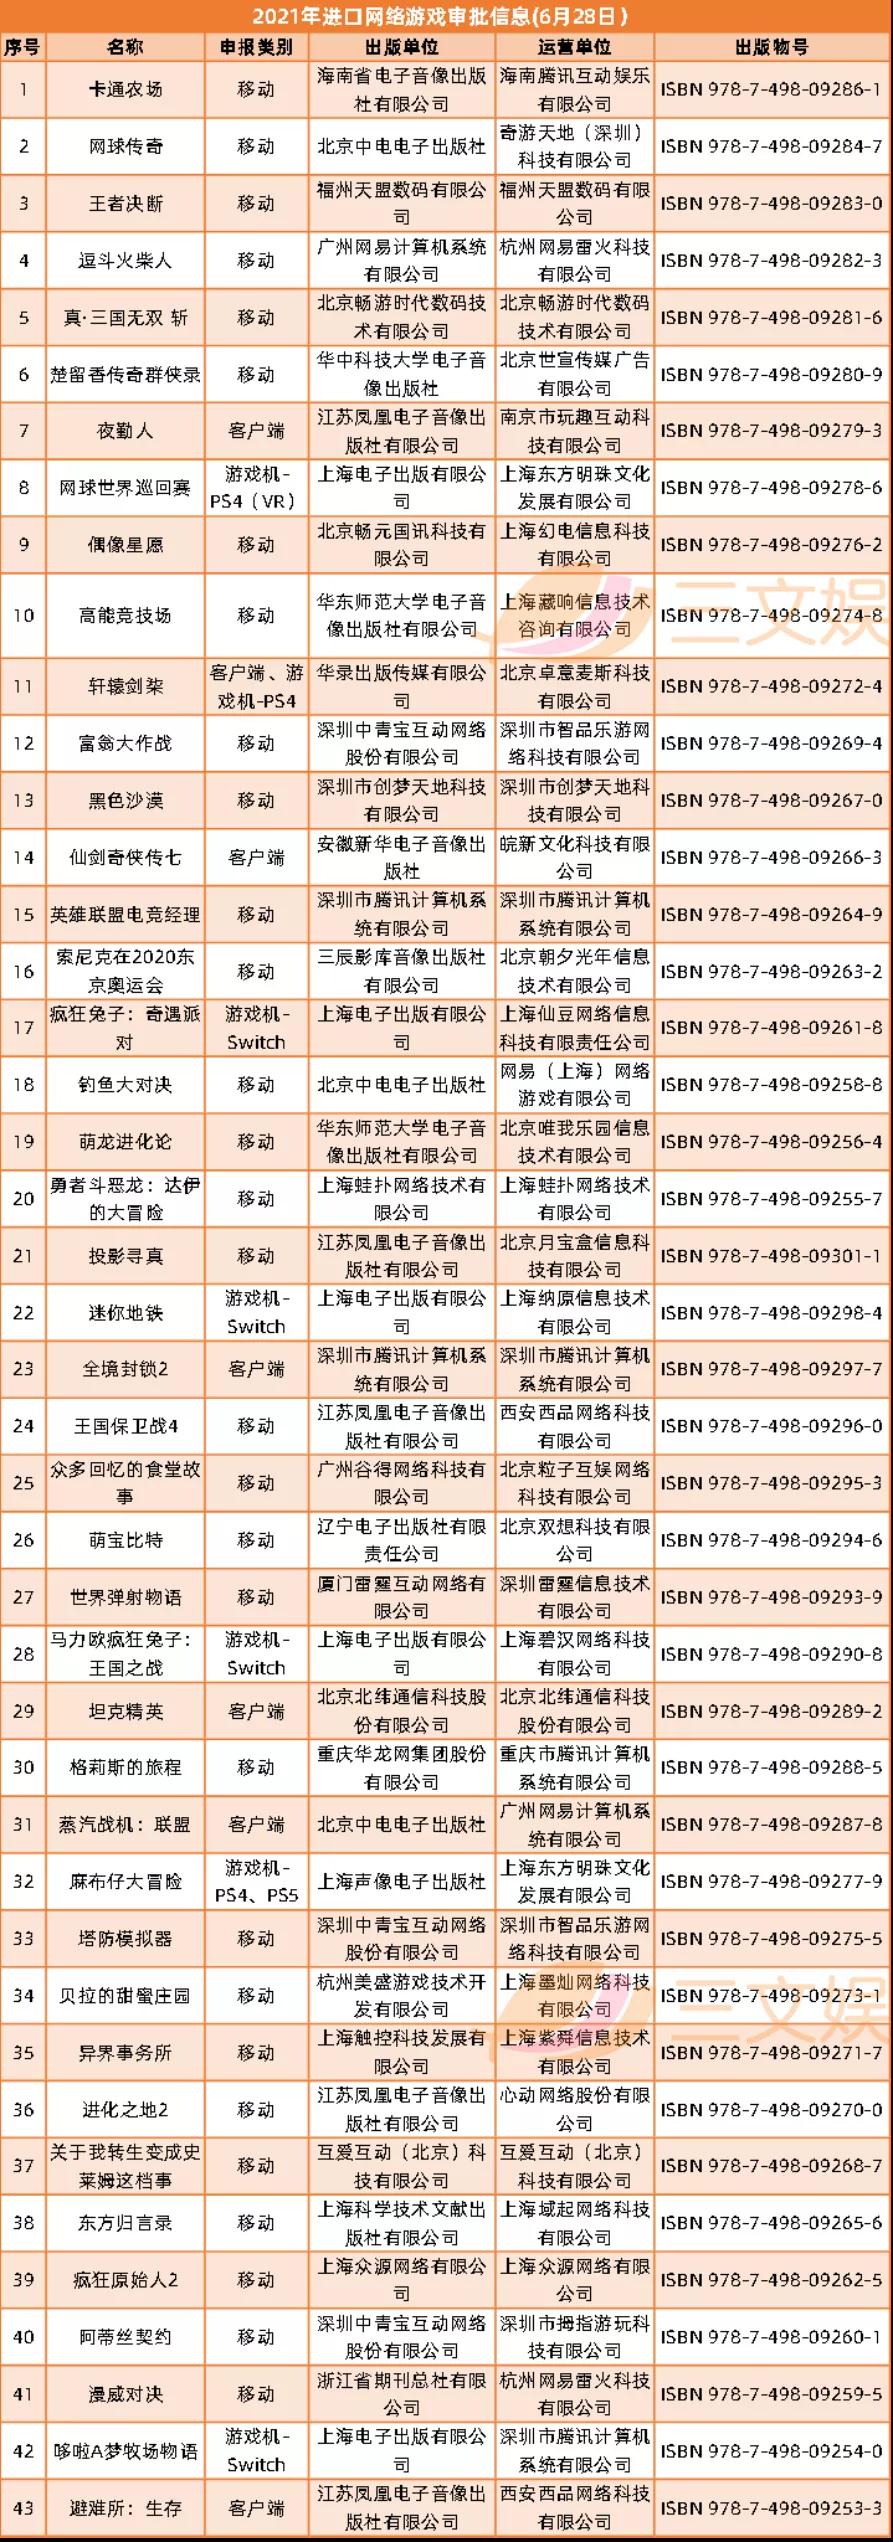 磨铁等公司拟上市,腾讯上半年投了50+ACG公司   三文娱周刊第182期